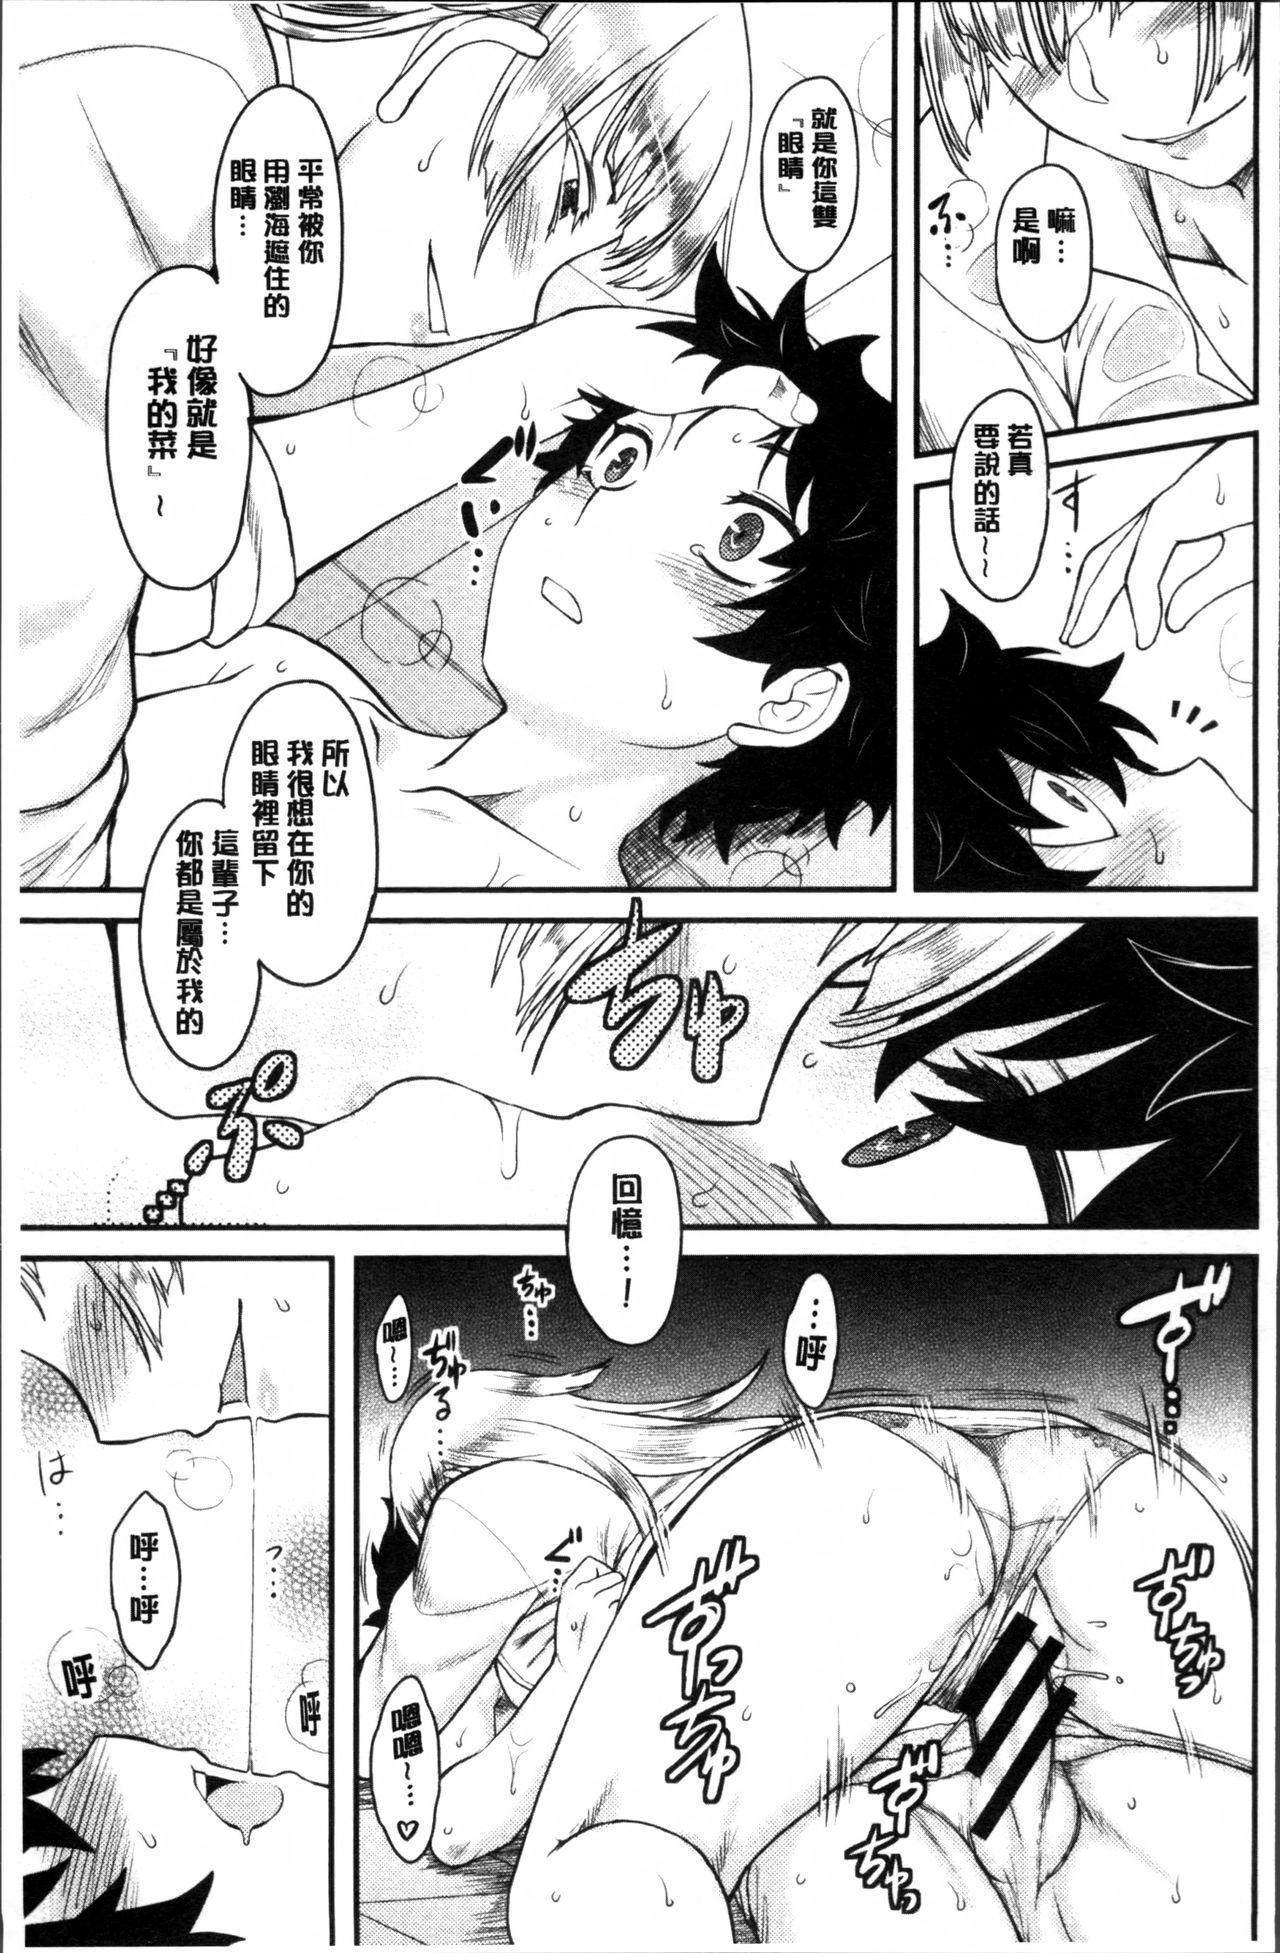 Hatsukoi Splash! 57